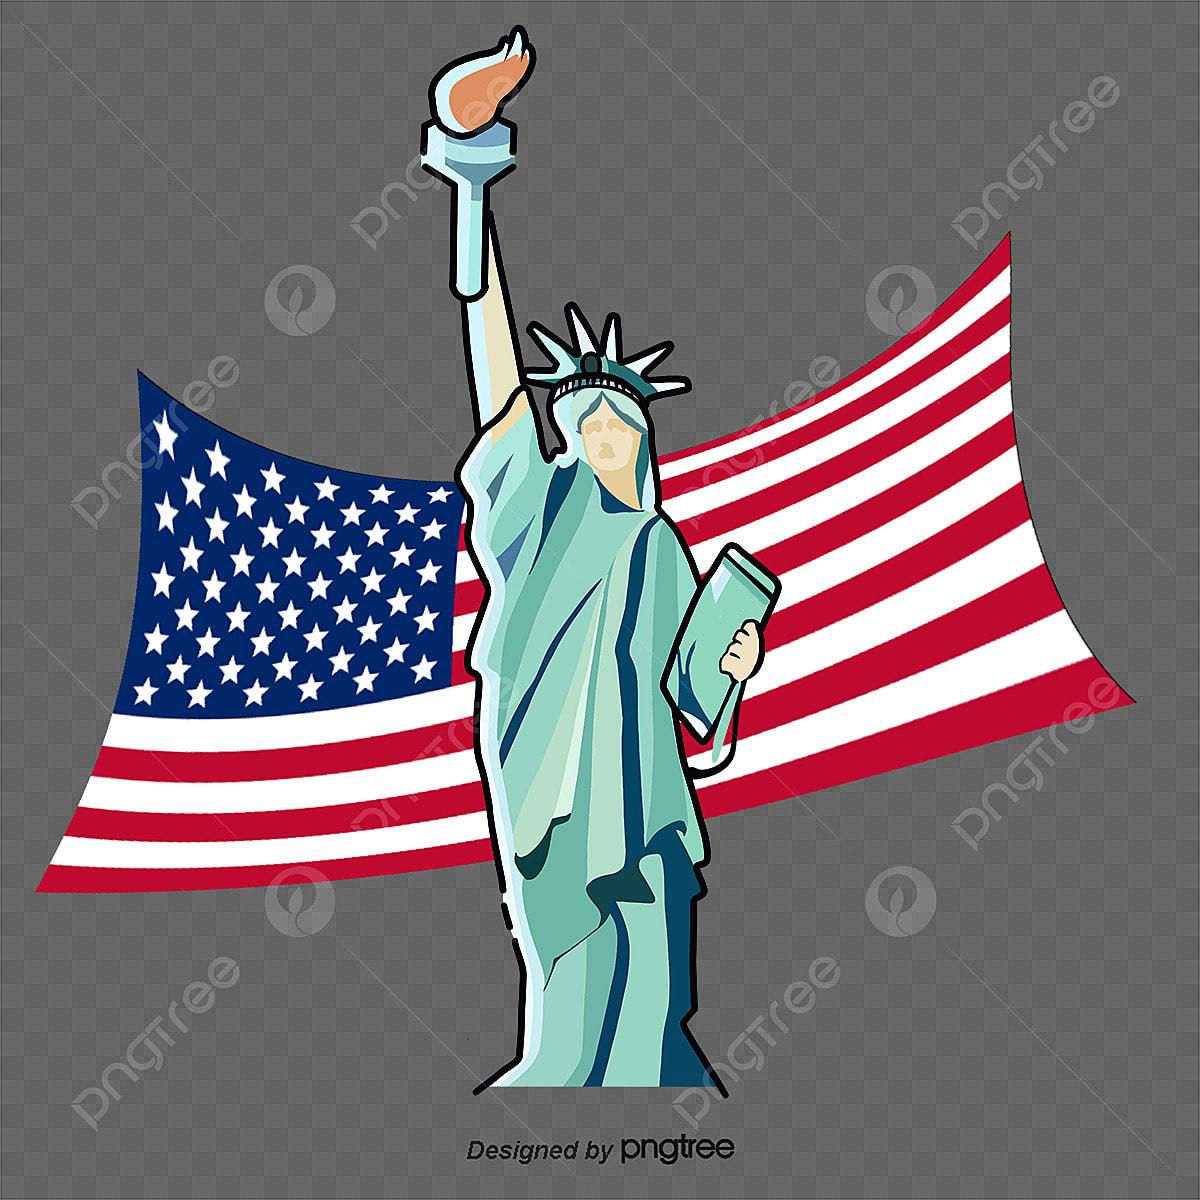 Gambar New York Amerika Syarikat Patung Liberty Bendera Amerika Syarikat Kartun Elemen Kartun Bendera Kebangsaan Tangan Dicat Png Dan Psd Untuk Muat Turun Percuma